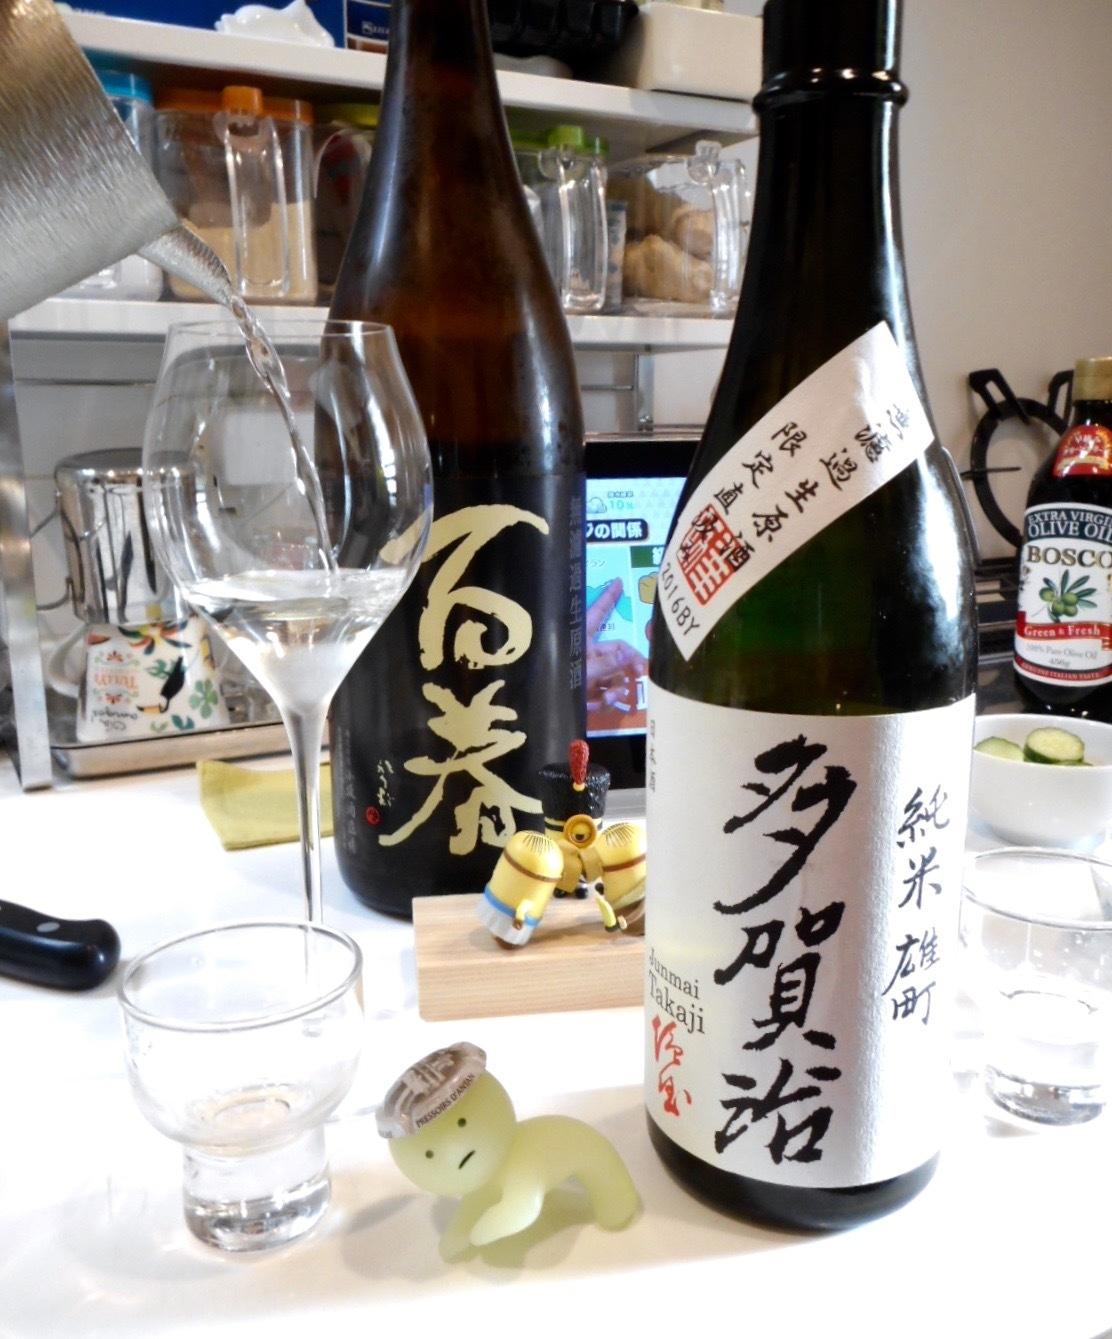 takaji_omachi_nama28by17.jpg